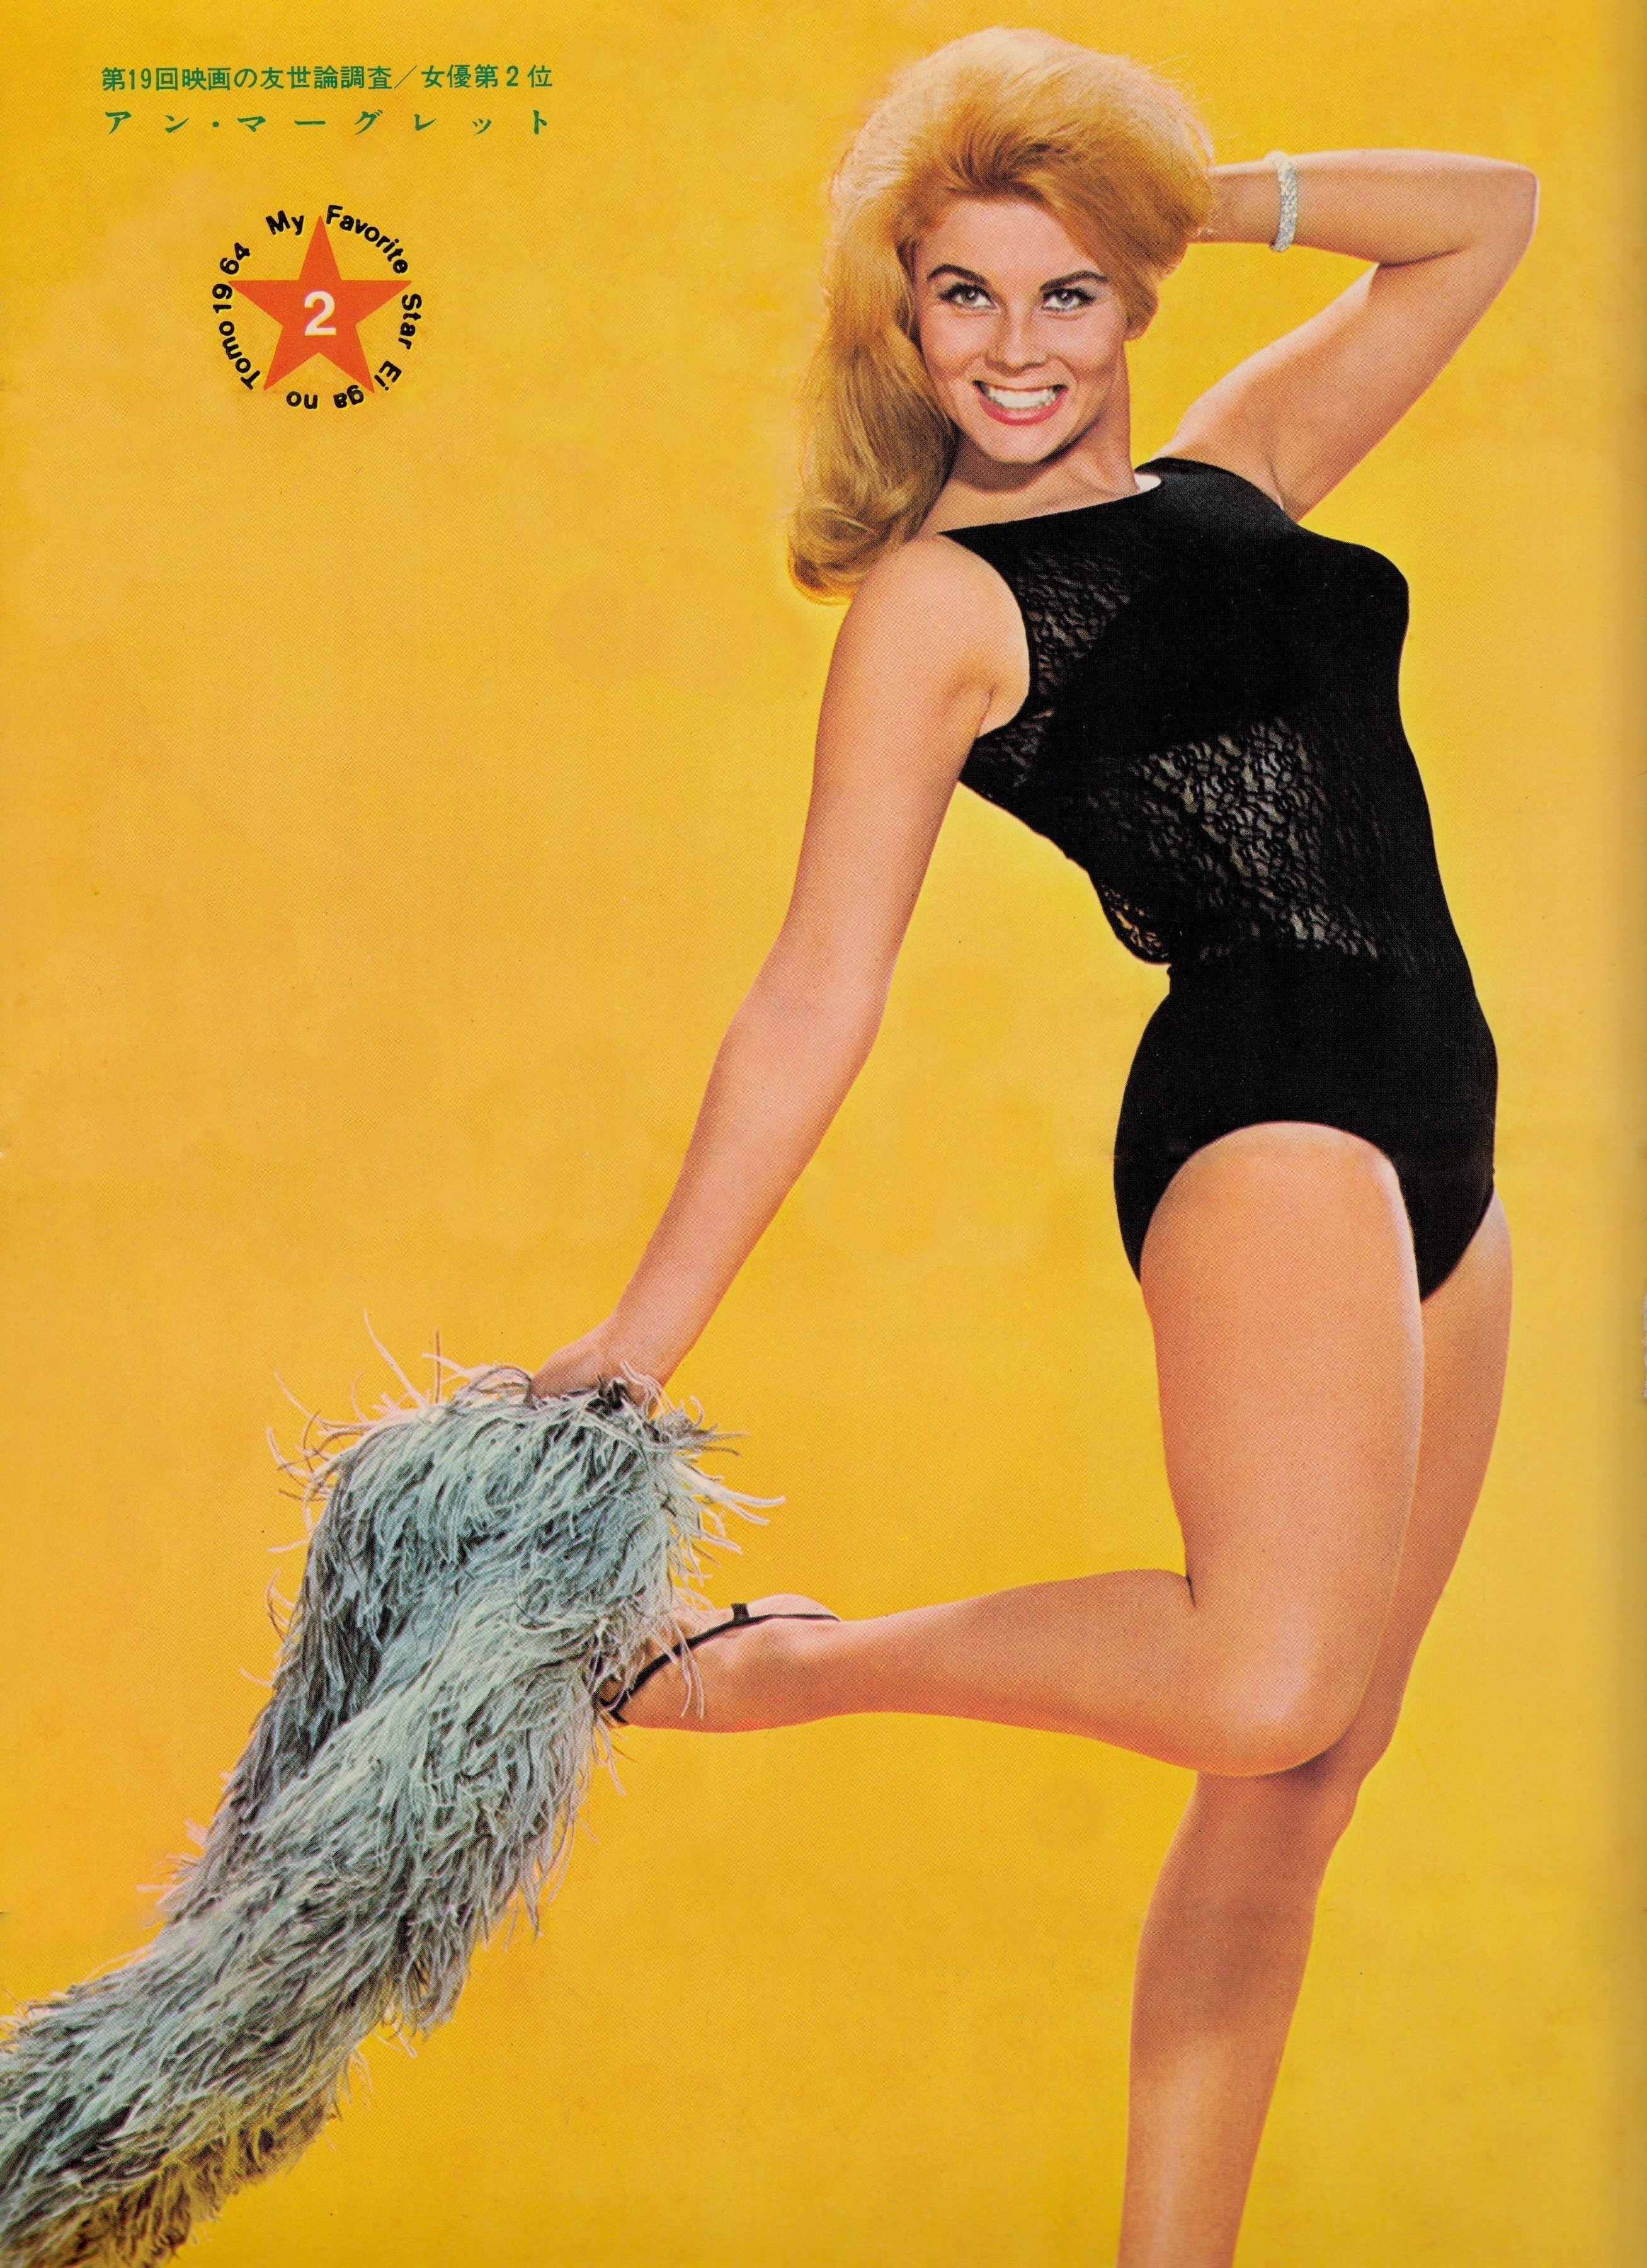 Beautiful ann margret vintage poster pin up from vintage mag minkshmink